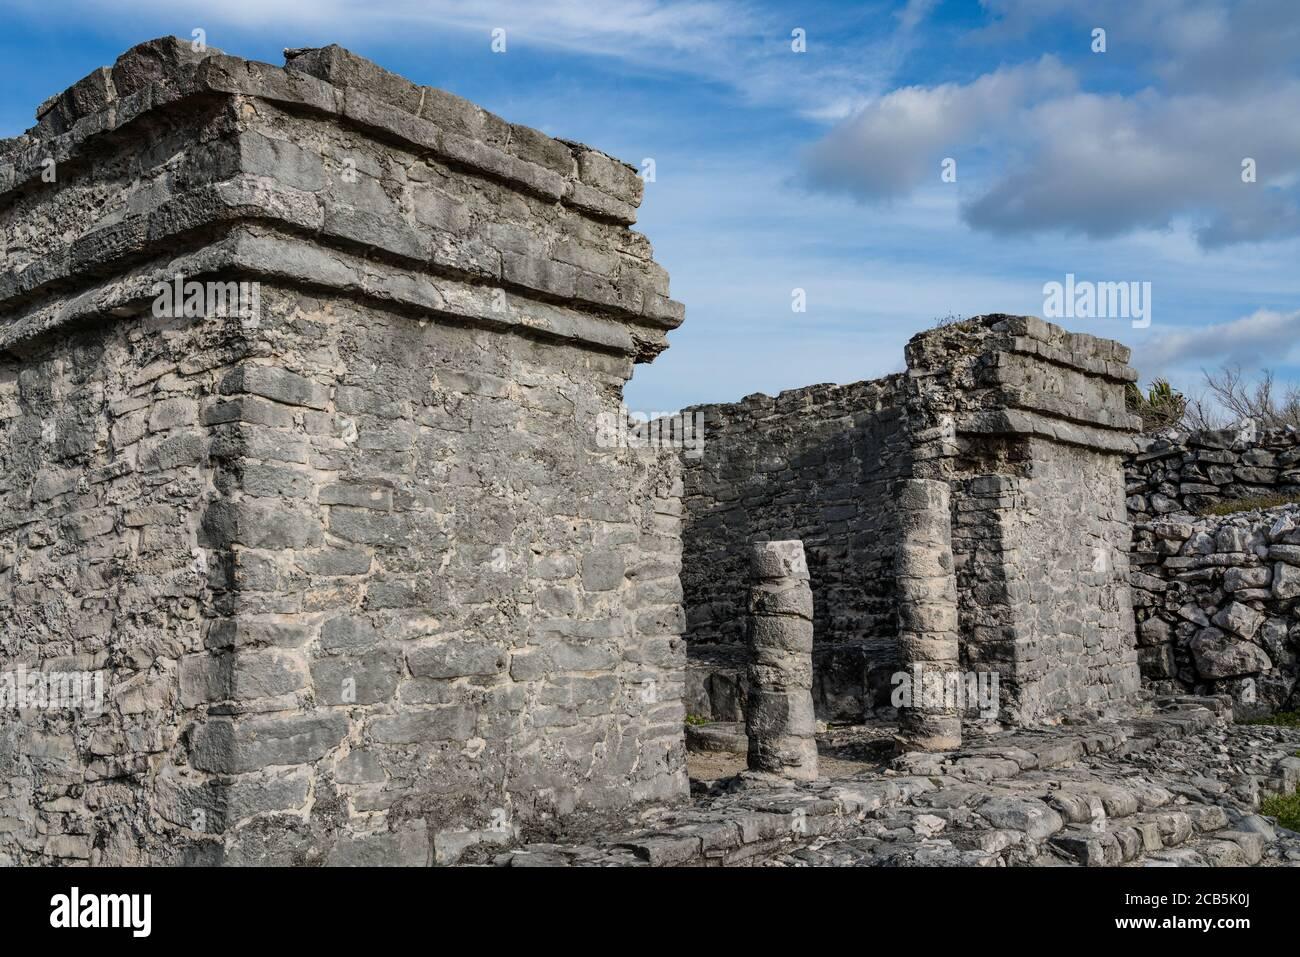 La Maison du Cénote dans les ruines de la ville maya de Tulum sur la côte de la mer des Caraïbes. Parc national de Tulum, Quintana Roo, Mexique. Je Banque D'Images